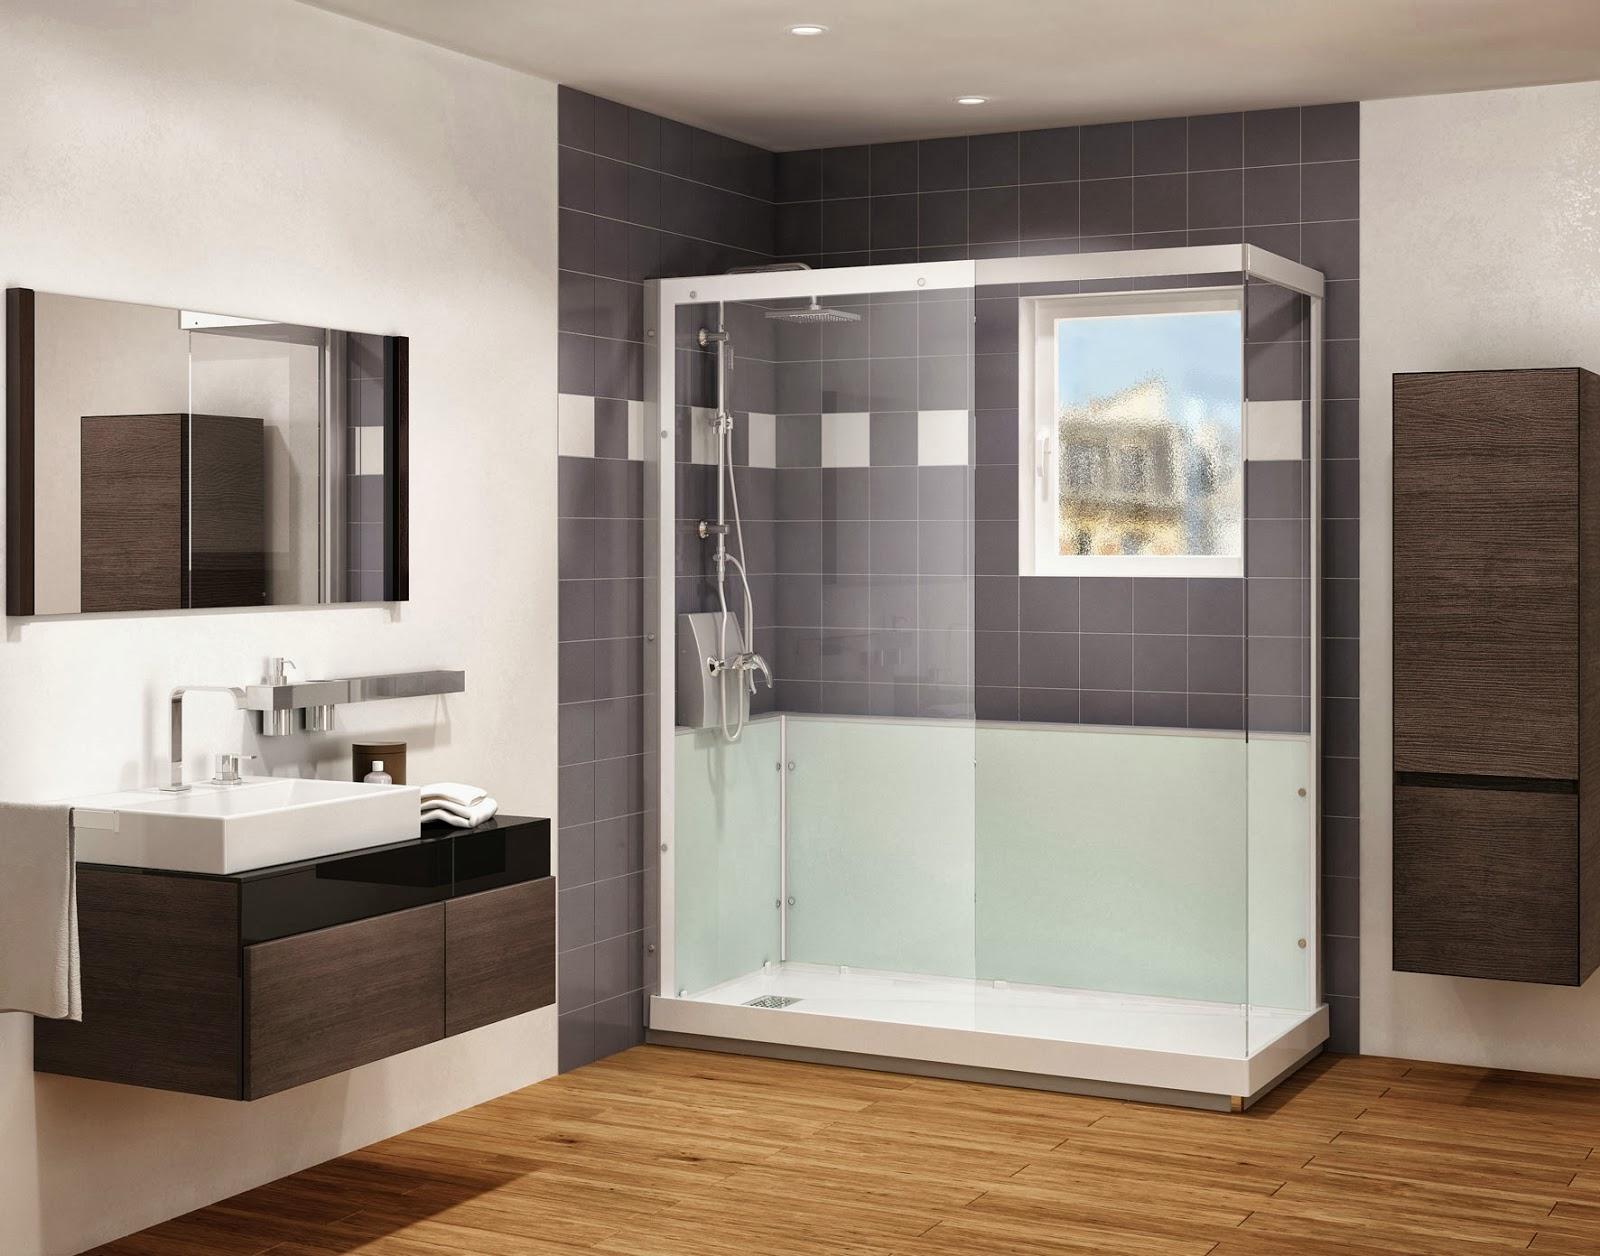 Marzua grandform presenta easy ducha la soluci n m s for Plato para ducha cuarto bano